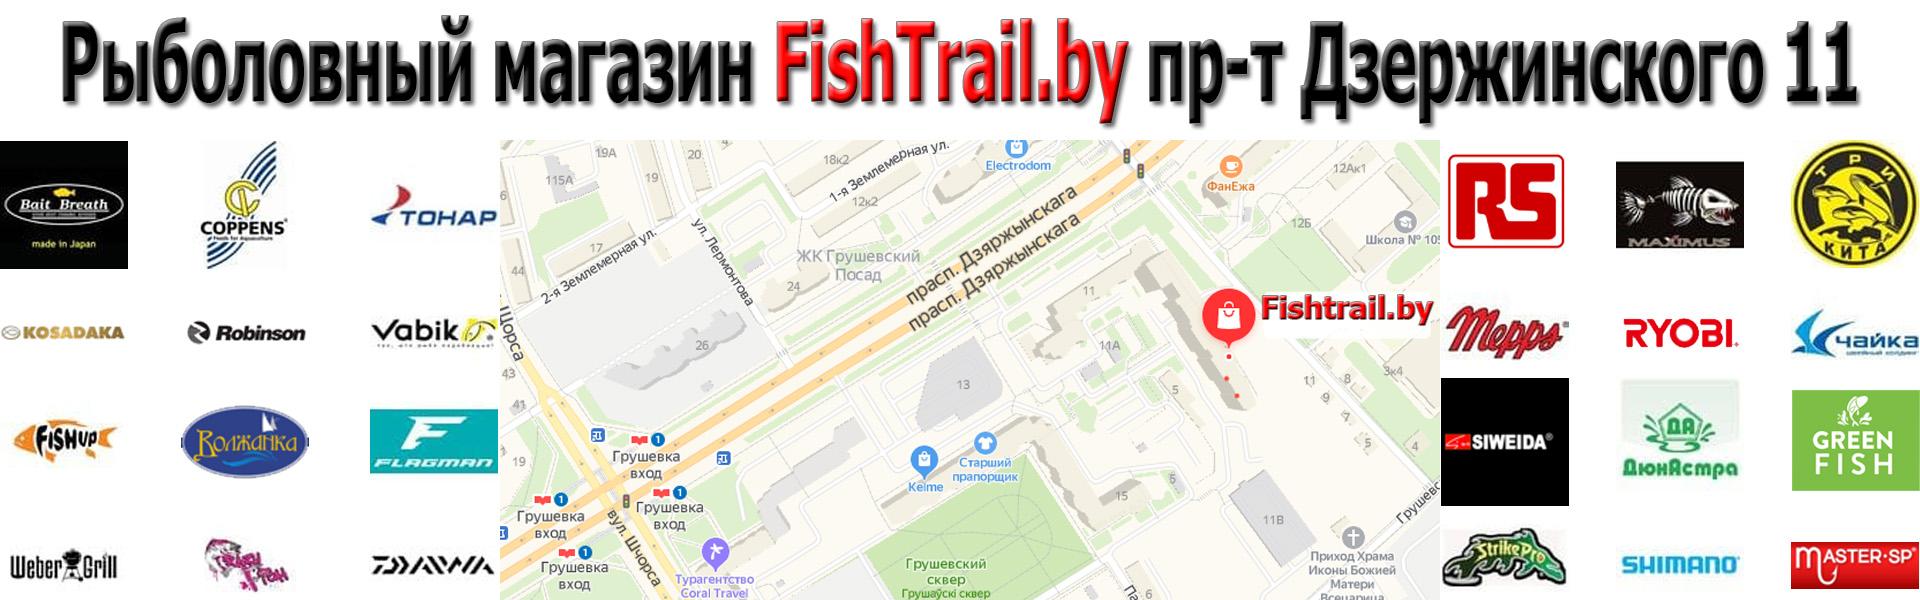 Мы открылись. Рыболовный магазин Fishtrail.by в Минске